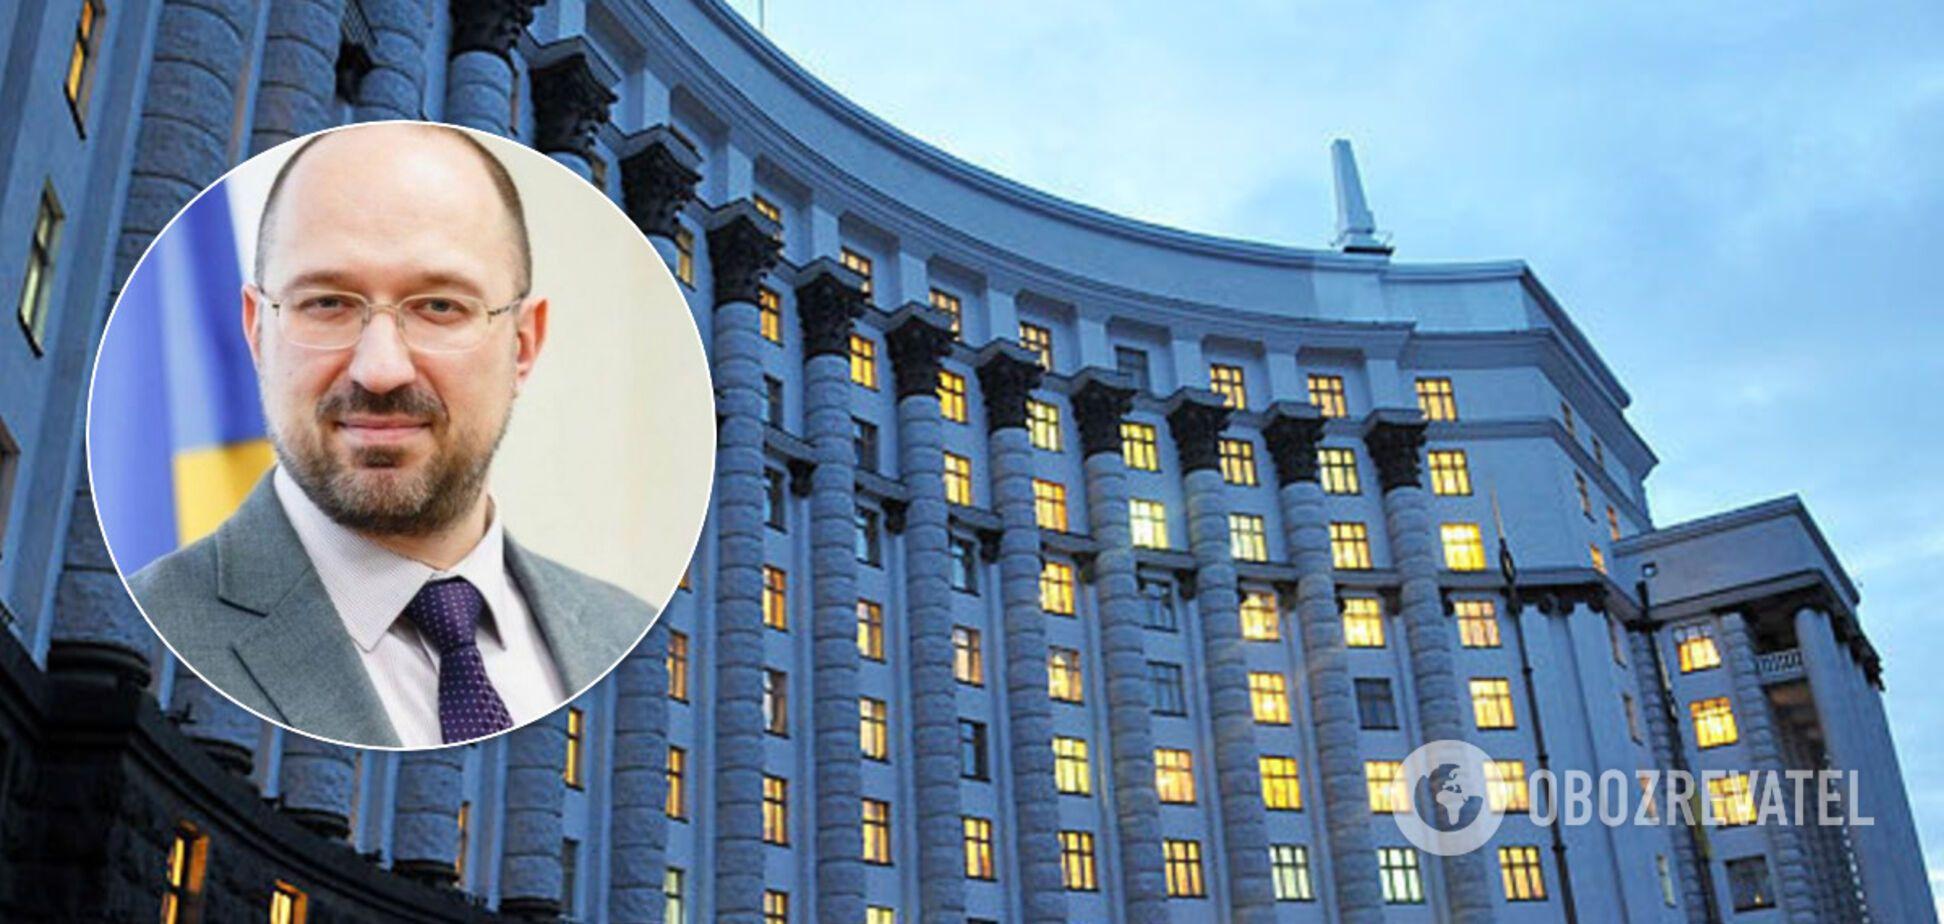 Україна отримала новий Кабмін: хто увійшов до уряду Шмигаля